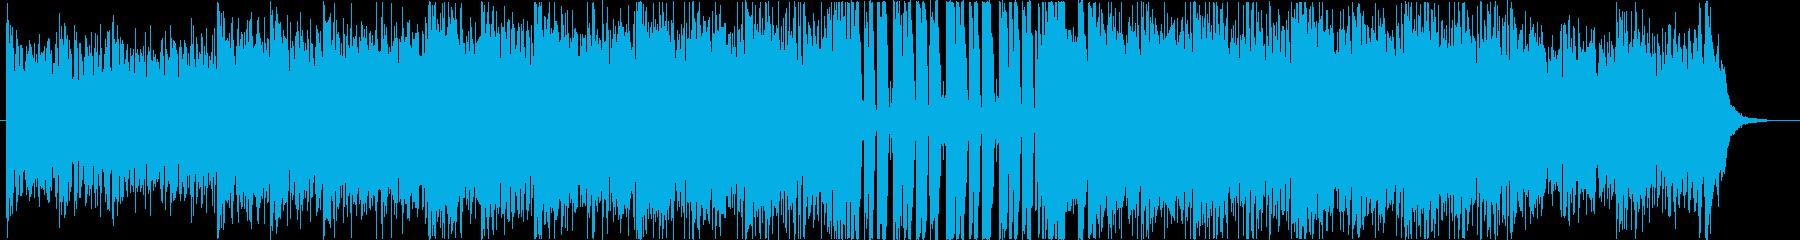 爽やかなサーフ系ギターロック・ポップスの再生済みの波形